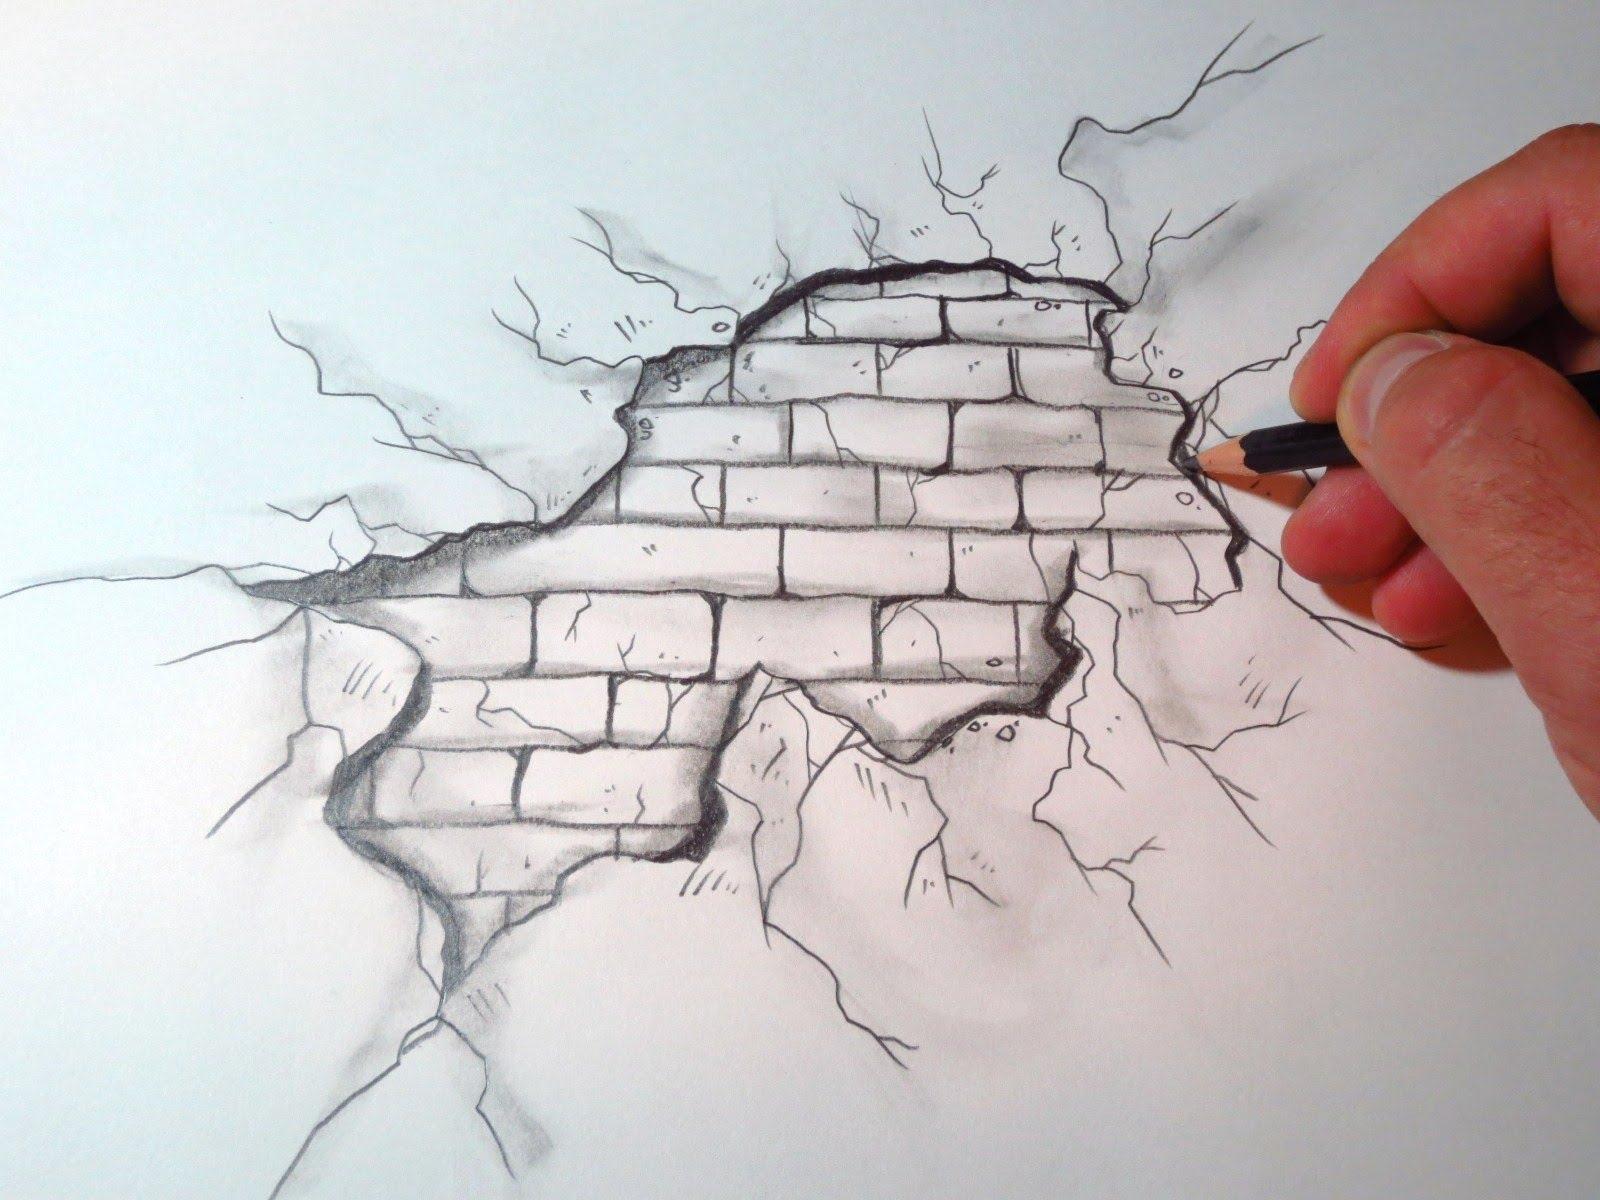 1600x1200 Graffiti Background Designs To Draw Home Design Graffiti Brick